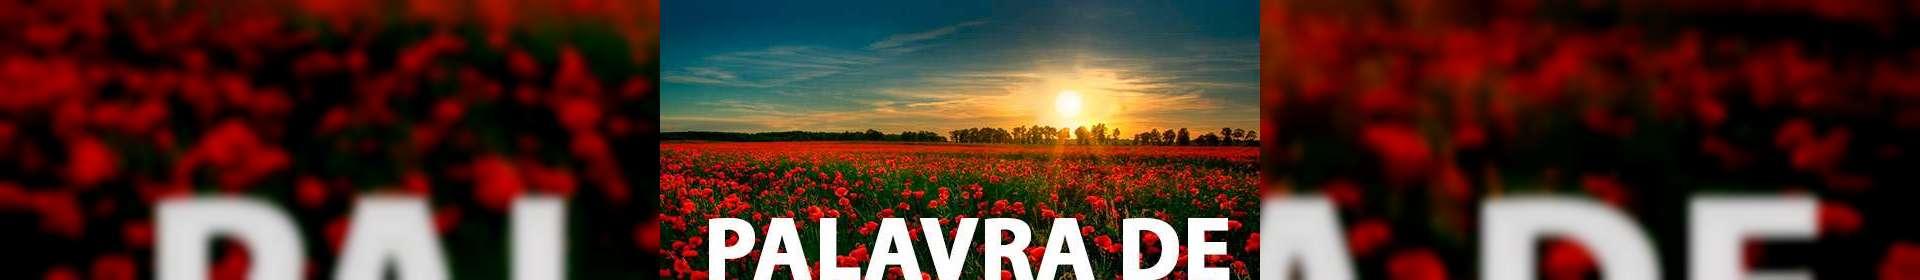 Salmos 147:2 - Uma Palavra de Esperança para sua vida